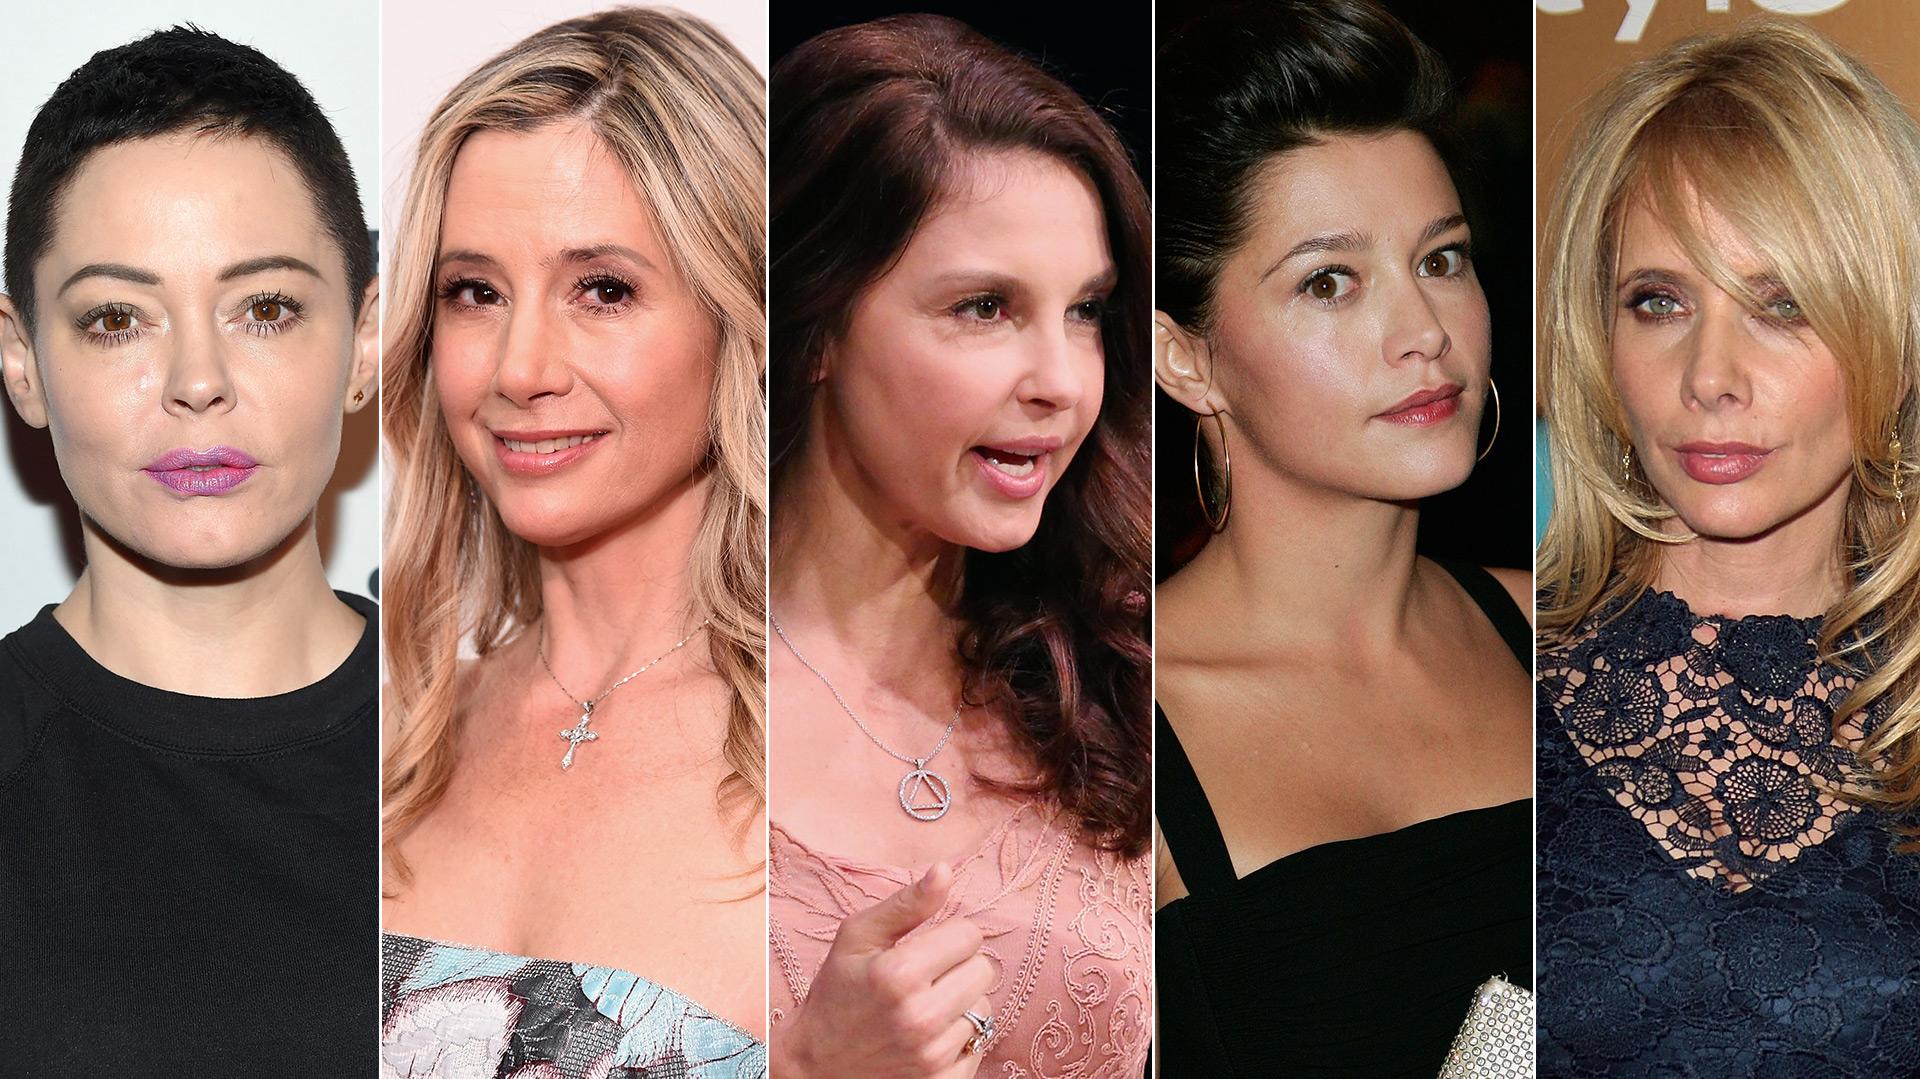 Las actrices que acusaron al productor de acoso y violación